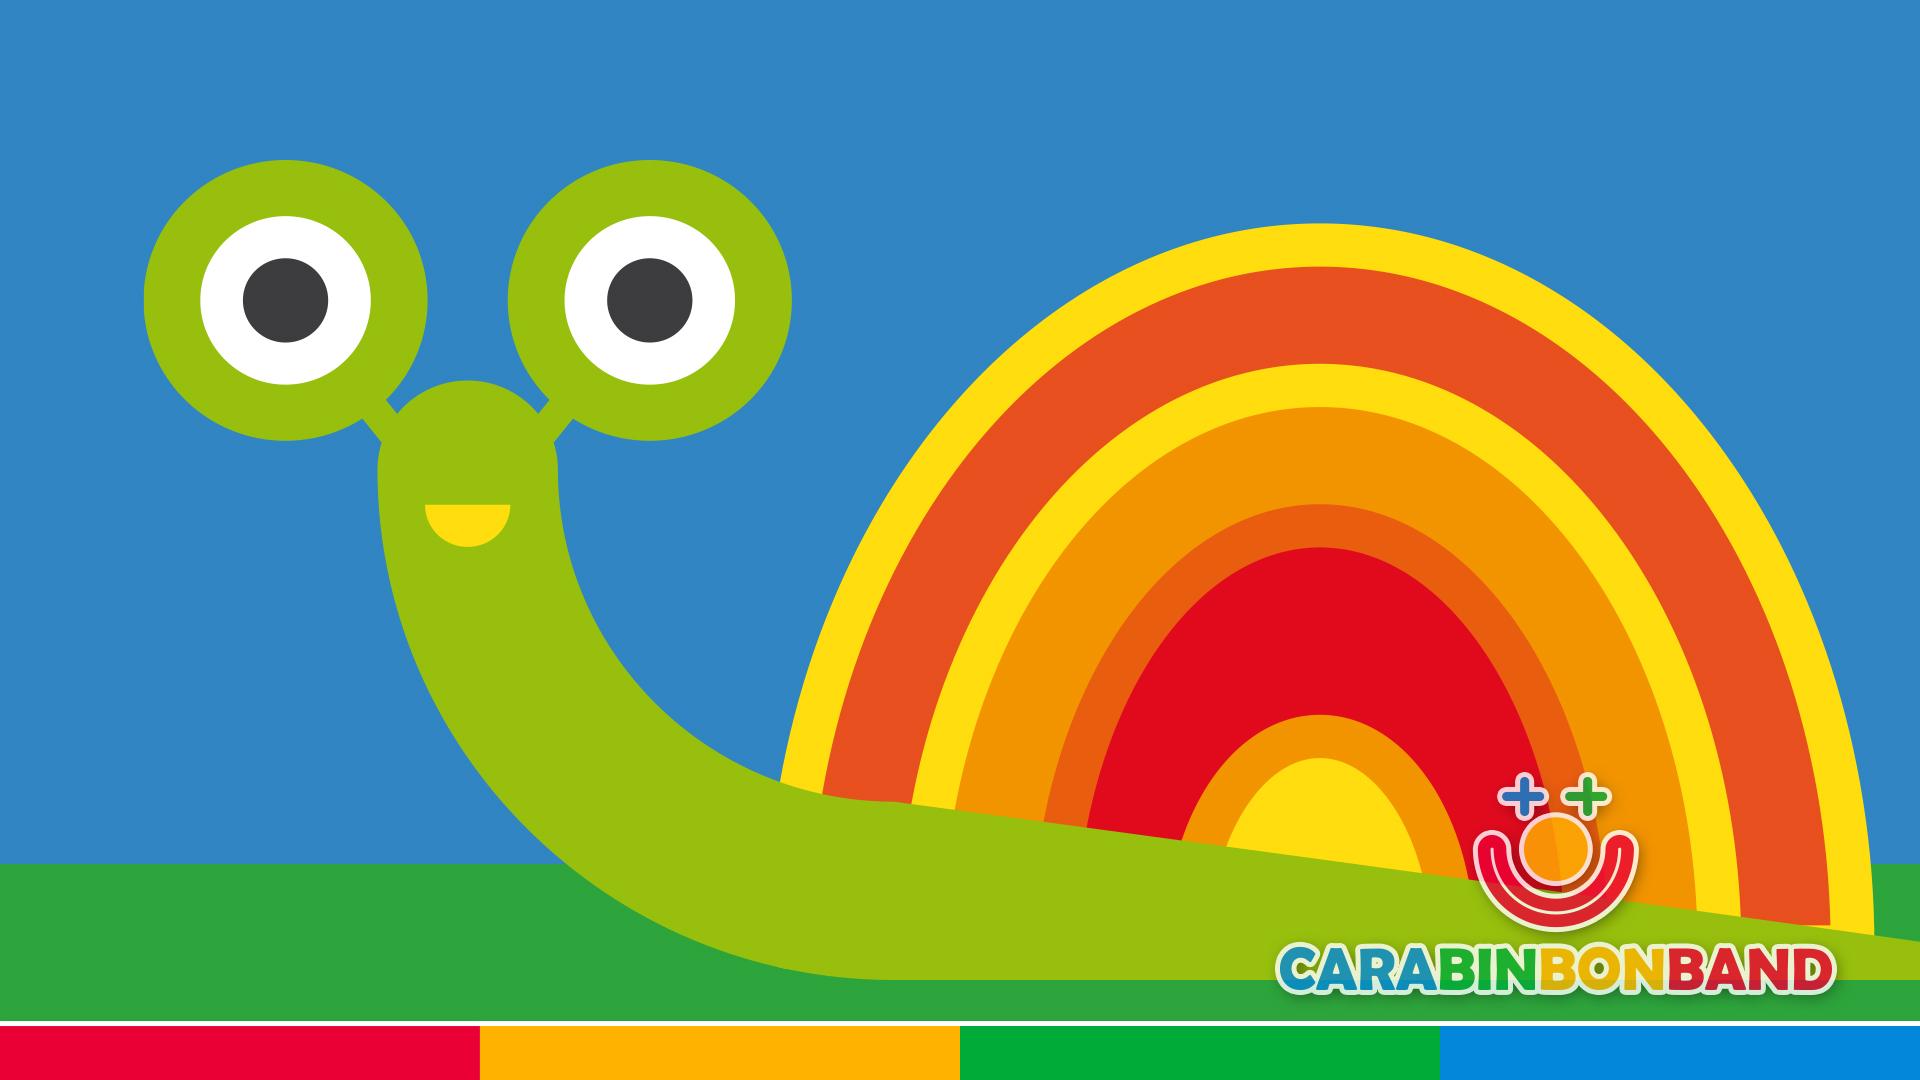 Poetry for children - The snail goes slowly - Short children poems in Spanish